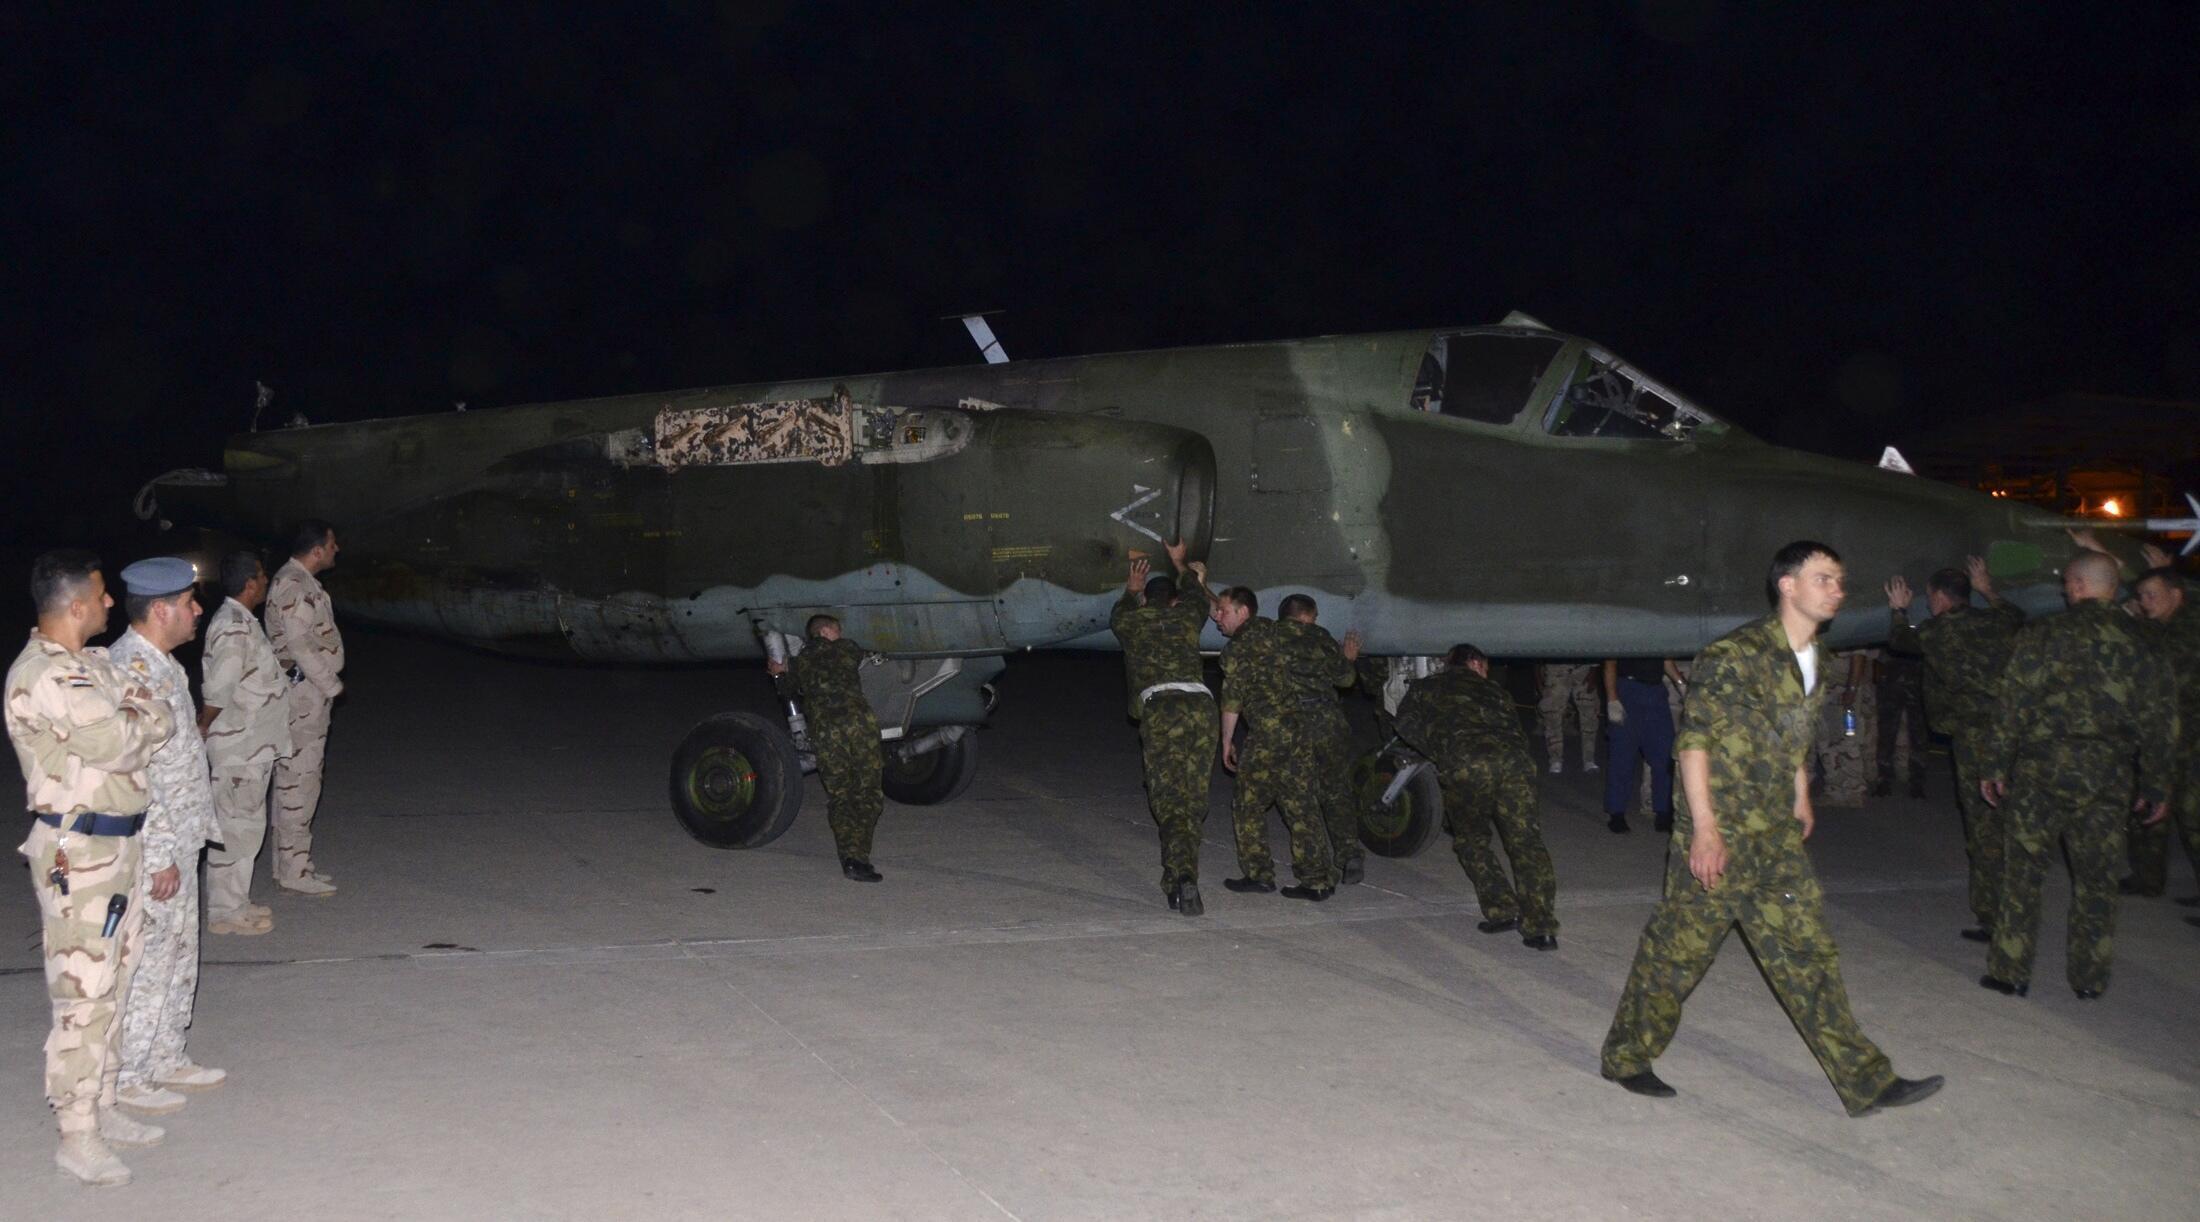 Dakarun Rasha suna tura jirgin Yakin kasar Sukhoi SU-25 a lokacin da ya isa sansanin Sojin Iraqi a al muthanna